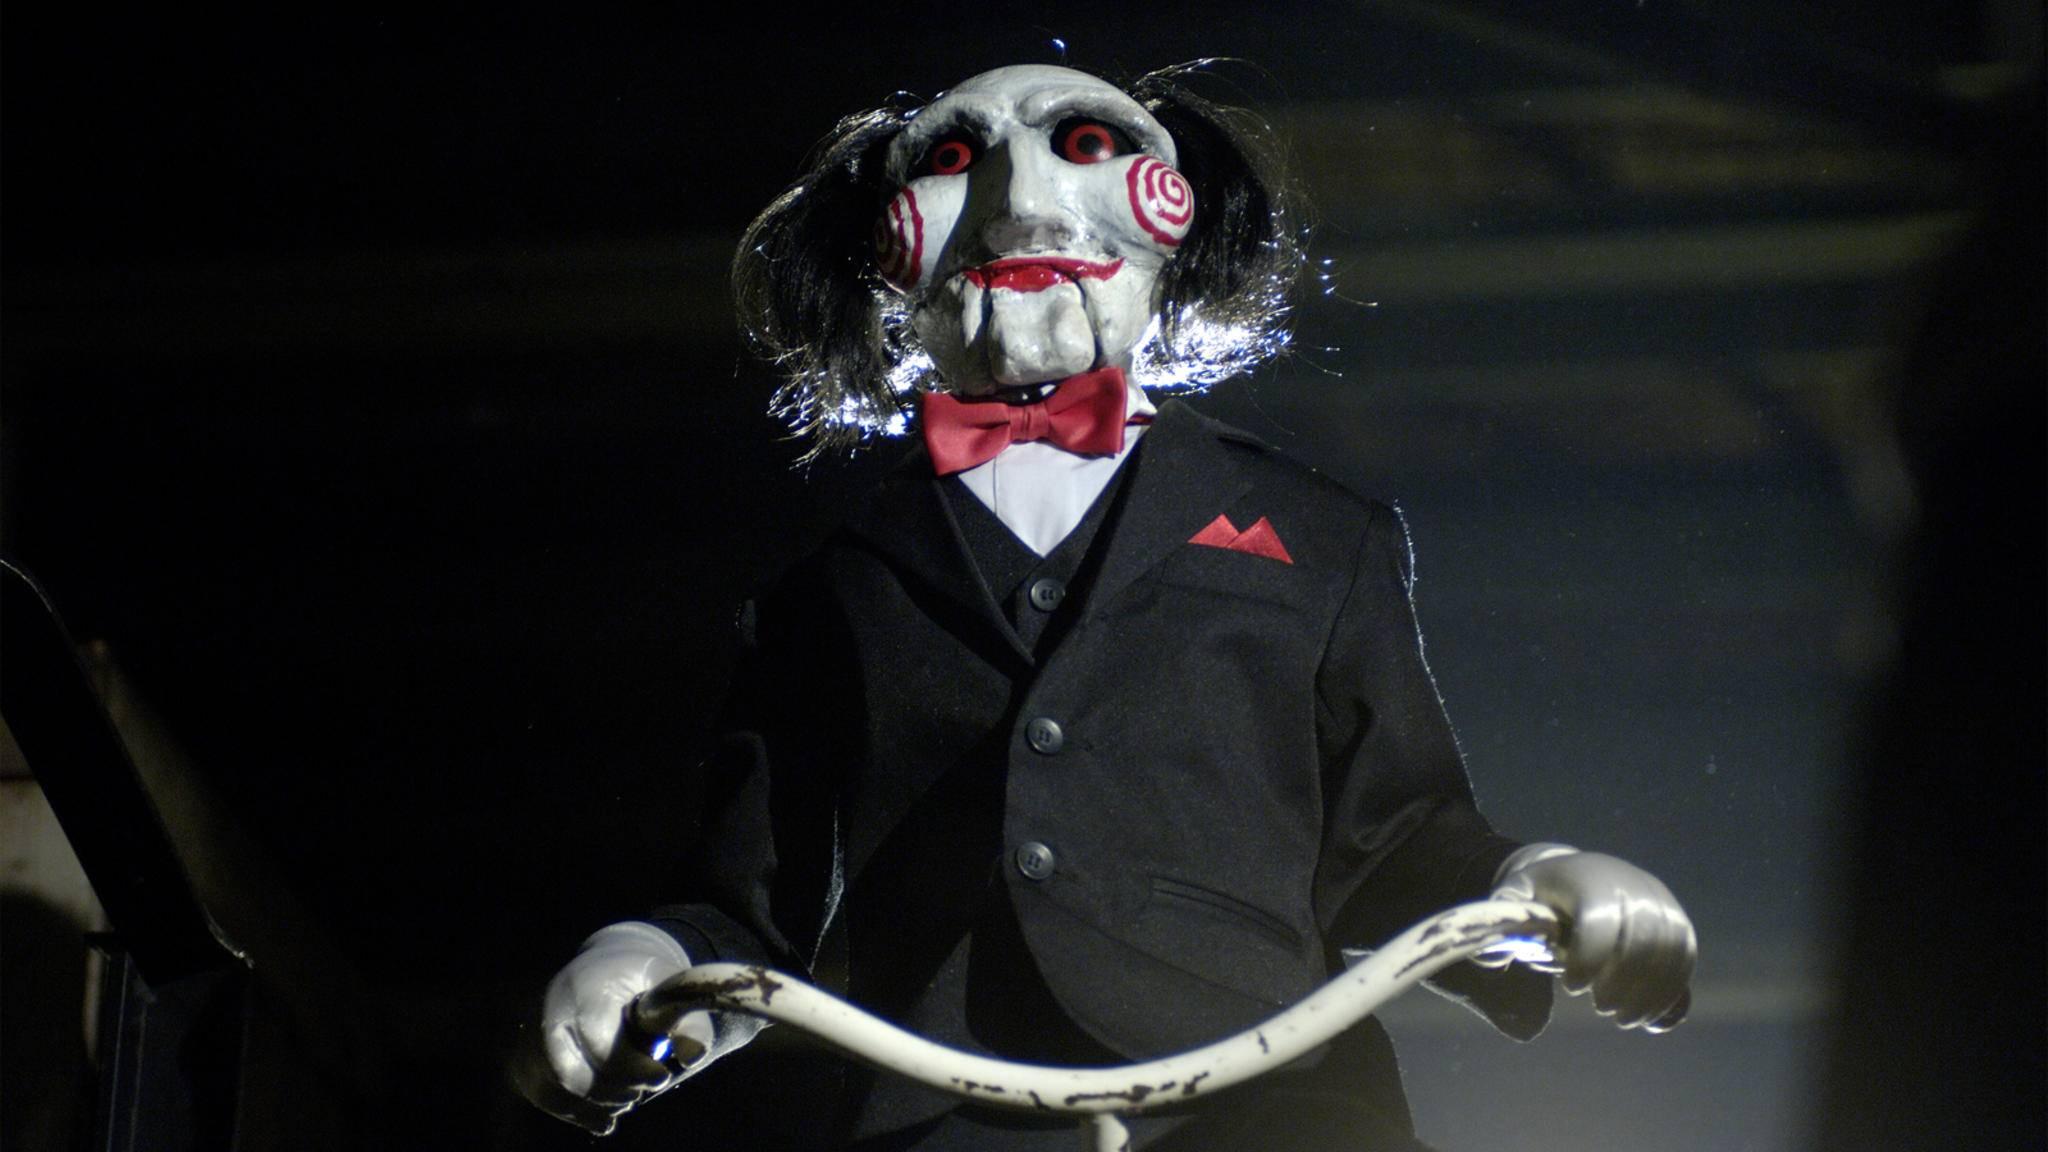 Papp-Puppe Billy ist aus dem Stand eine Horror-Ikone geworden.